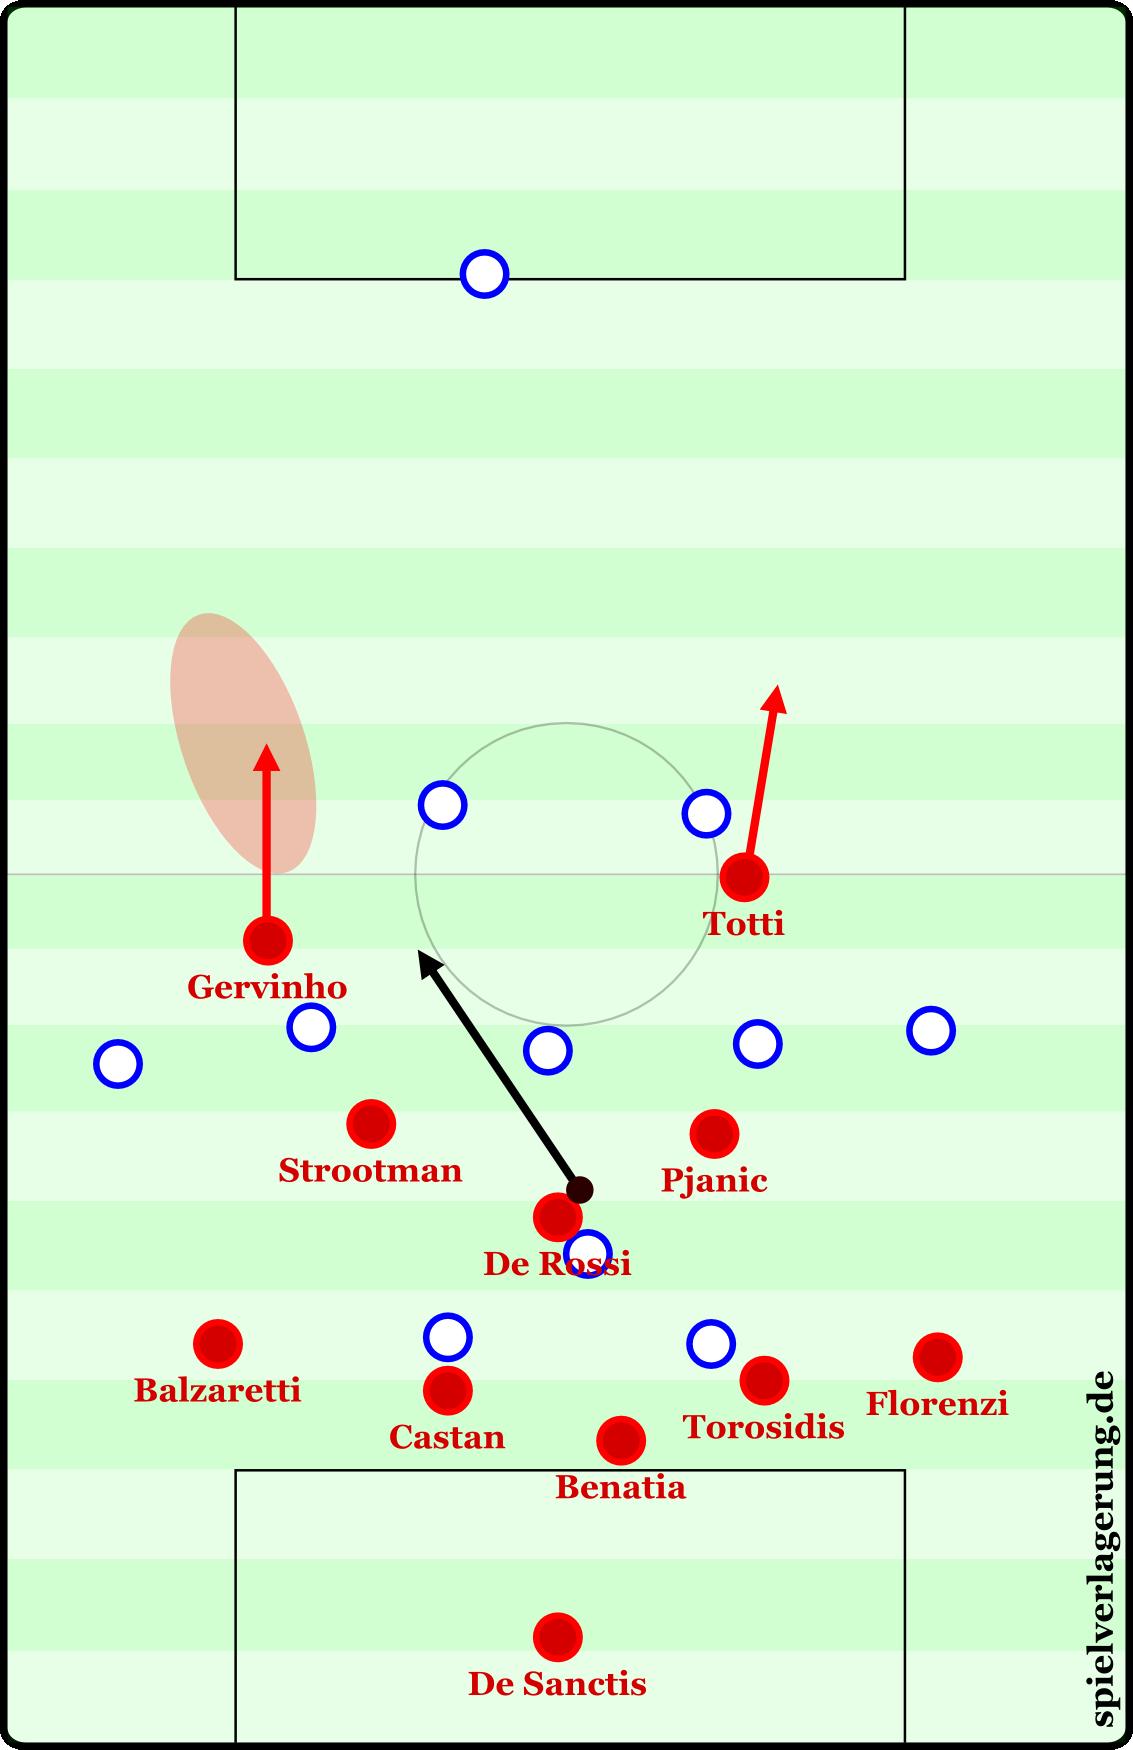 Gervinhos Tor gegen Bologna fiel, als er zockte. De Rossi fing einen Pass ab und spielt nach vorne, Totti macht Gervinho den Raum für ein freies 1-gegen-1 auf.